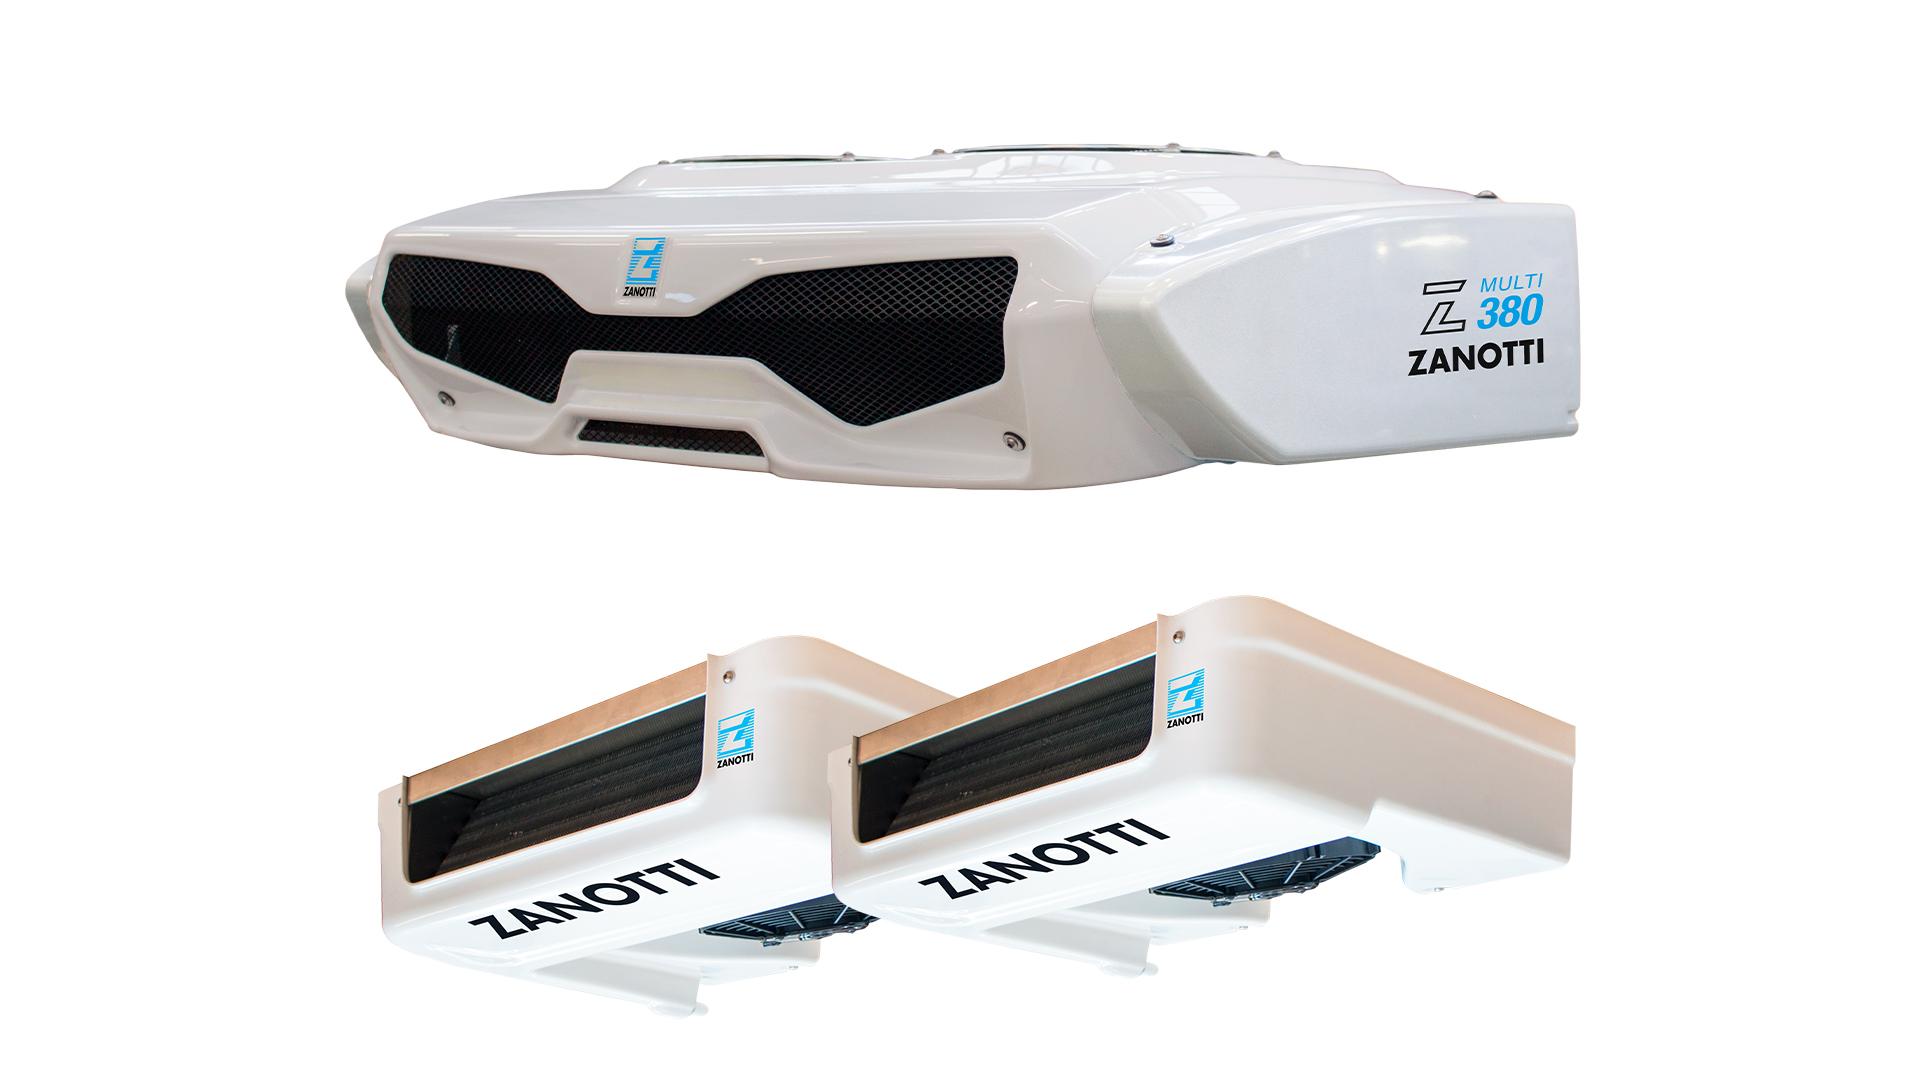 Veicoli commerciali refrigerati Zero380 multi standard